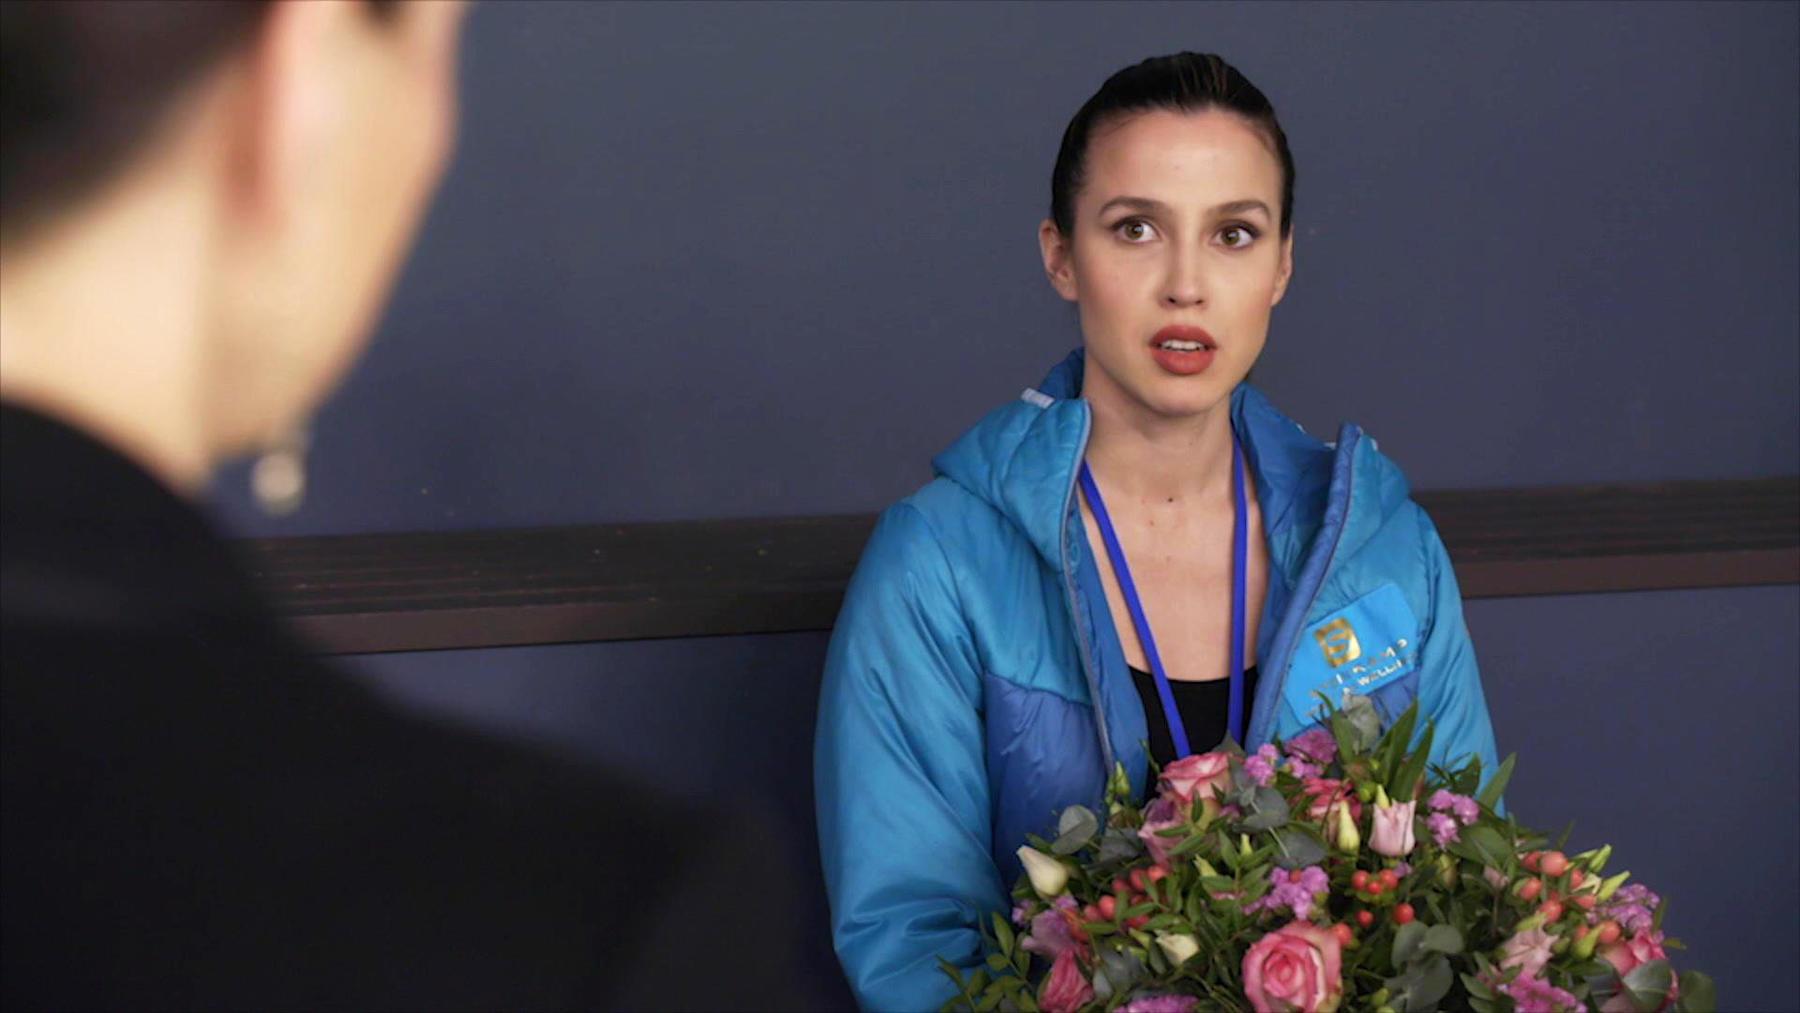 Obwohl Greta gewonnen hat, steht Chiara im Mittelpunkt